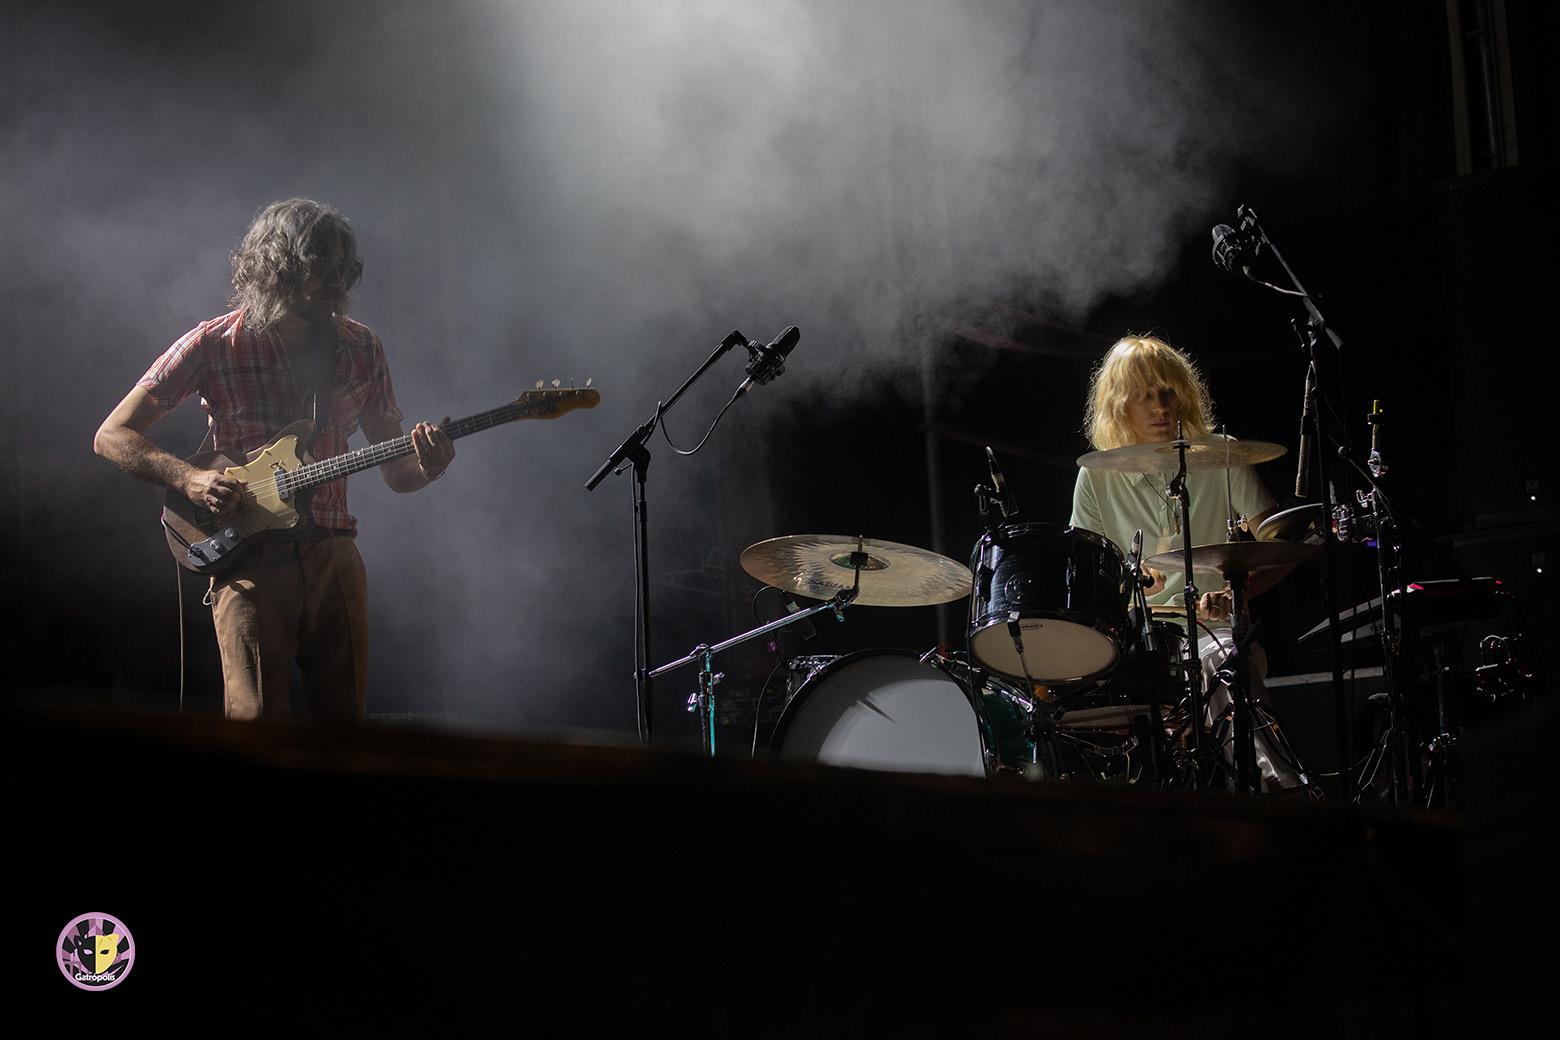 La perfecta última noche en Sevilla de Rufus T. Firefly